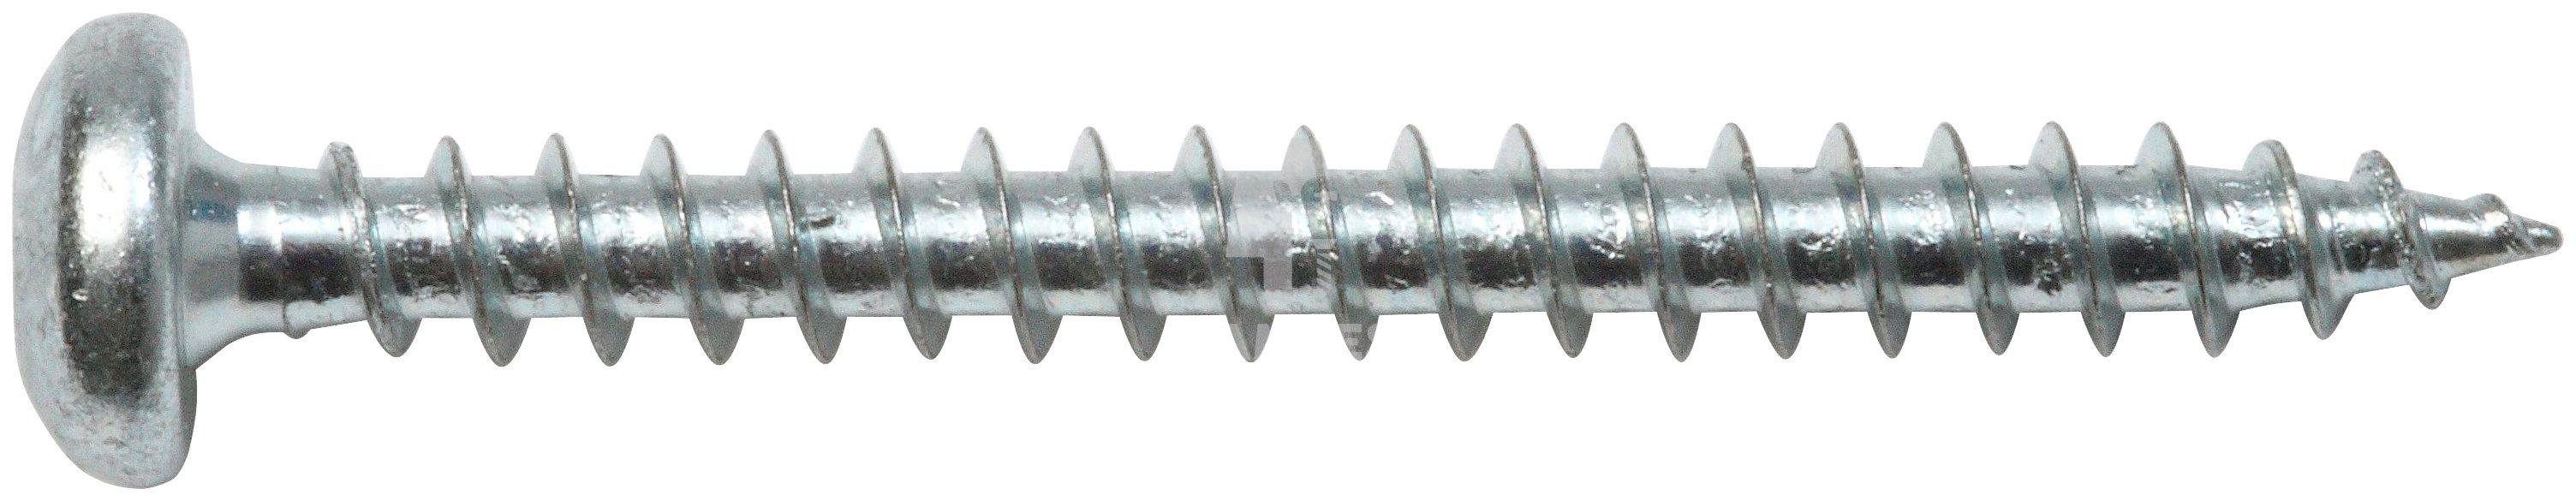 RAMSES Schrauben , Spanplattenschraube 3,5 x 35 mm TX15 200 Stk.